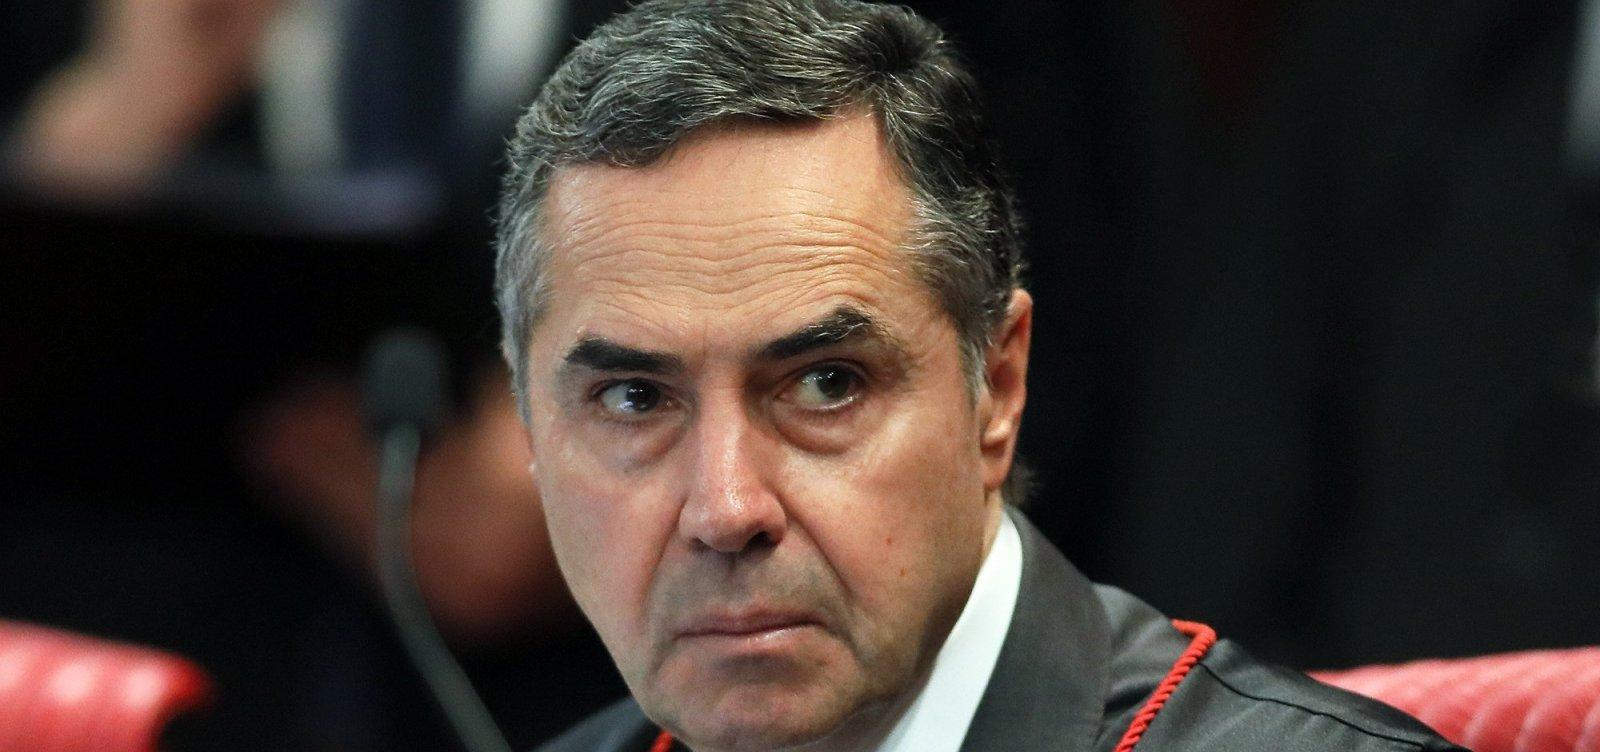 [Barroso determina que redes sociais respondam sobre disparos pró-Bolsonaro]